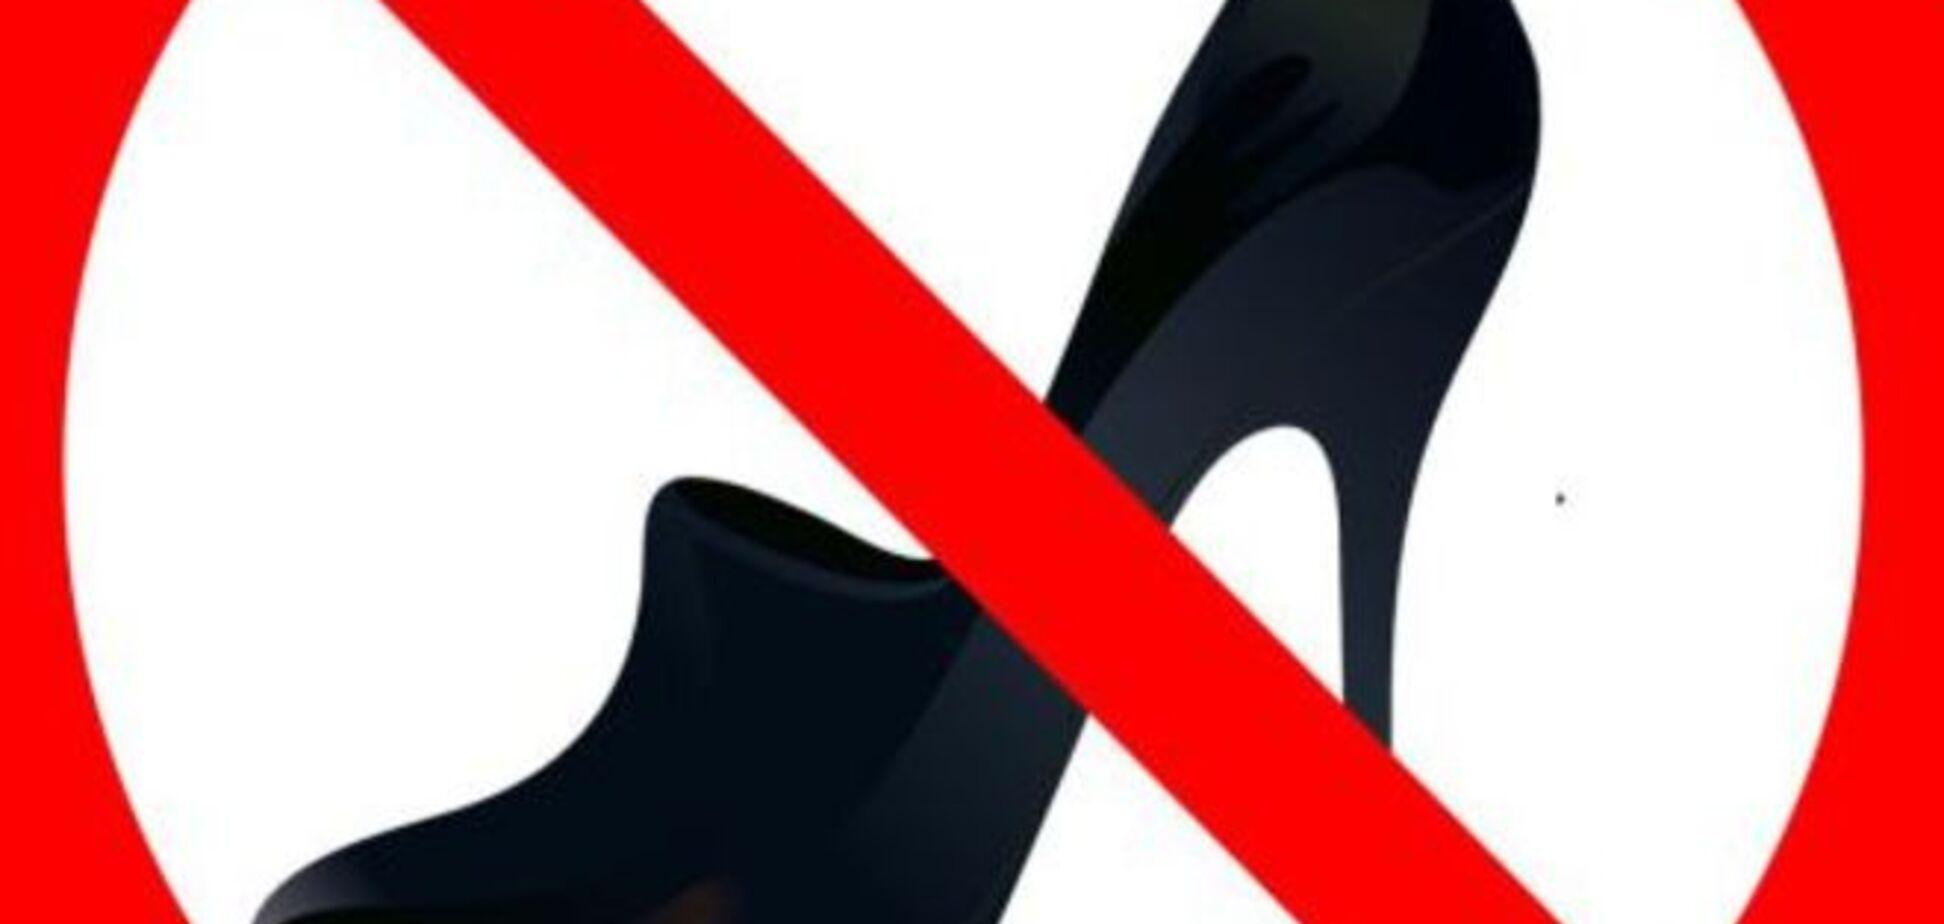 В сети высмеивают запрет кедов и каблуков в Таможенном союзе